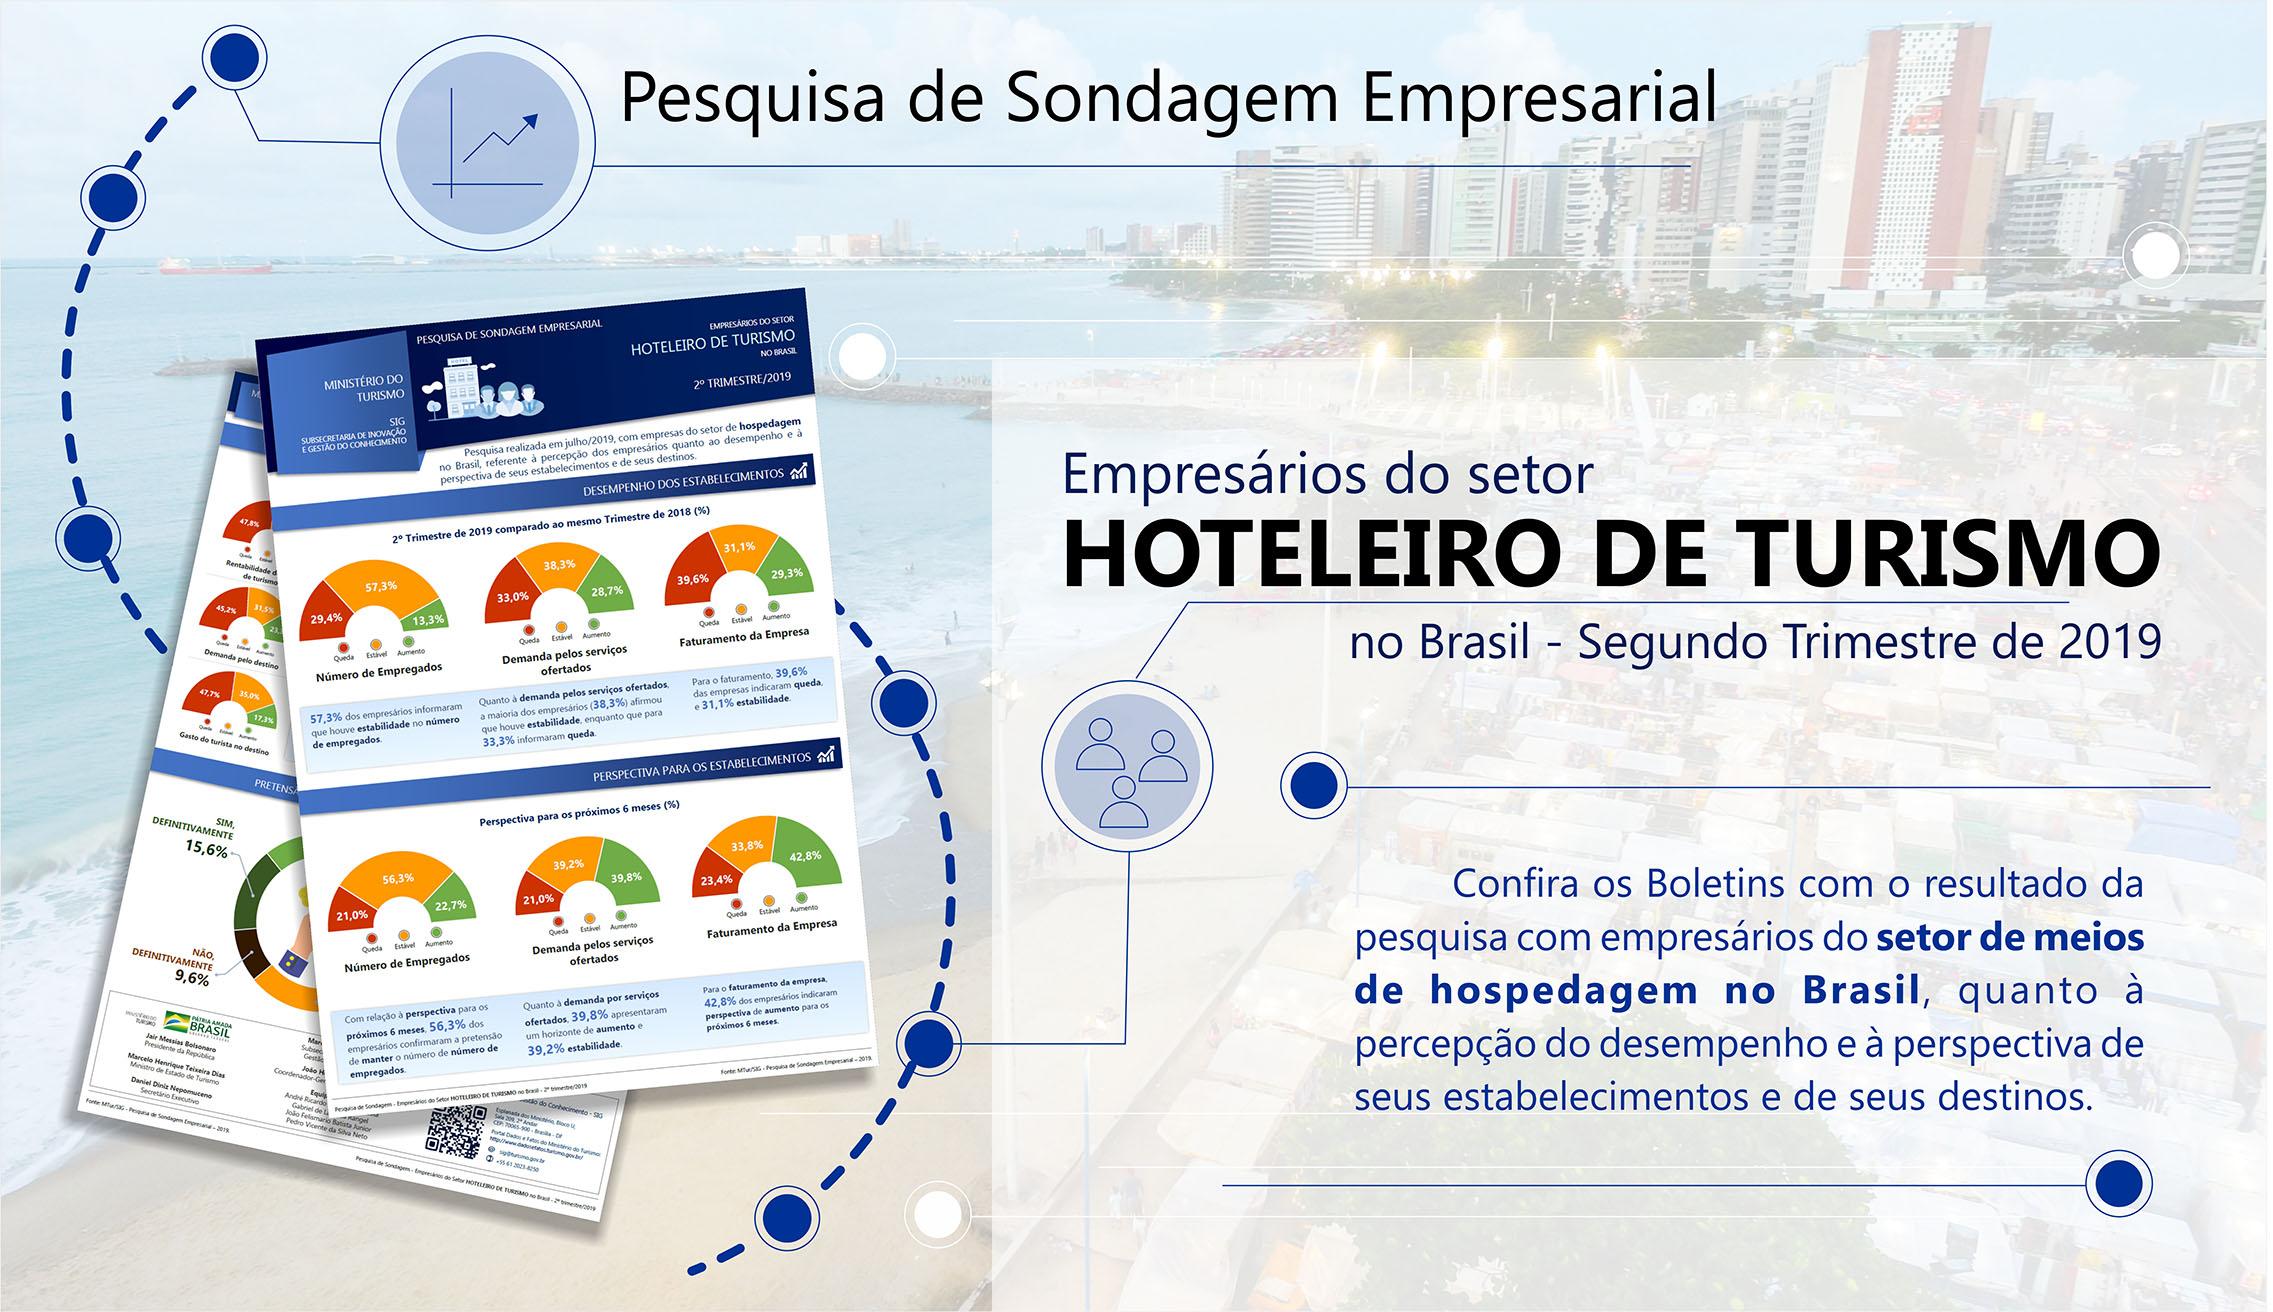 Confira os Boletins da Pesquisa de Sondagem Empresarial - Meios de Hospedagem - 2ª Etapa/2019